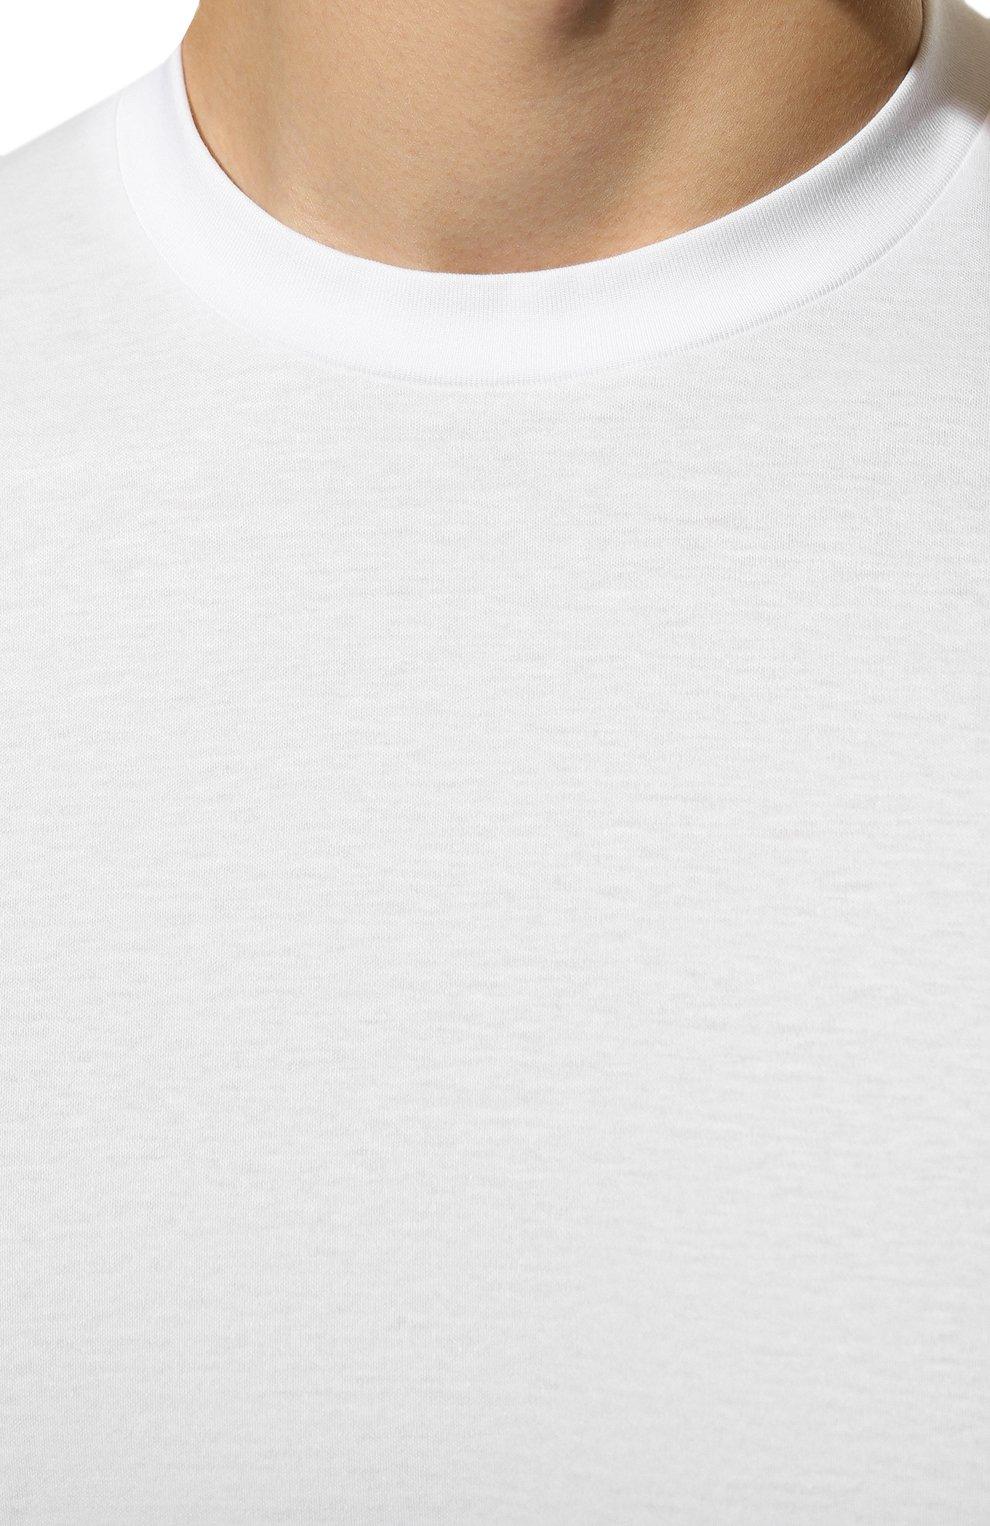 Мужская хлопковая футболка ZIMMERLI белого цвета, арт. 286-1447 | Фото 5 (Кросс-КТ: домашняя одежда; Рукава: Короткие; Длина (для топов): Стандартные; Материал внешний: Хлопок; Мужское Кросс-КТ: Футболка-белье; Статус проверки: Проверена категория)